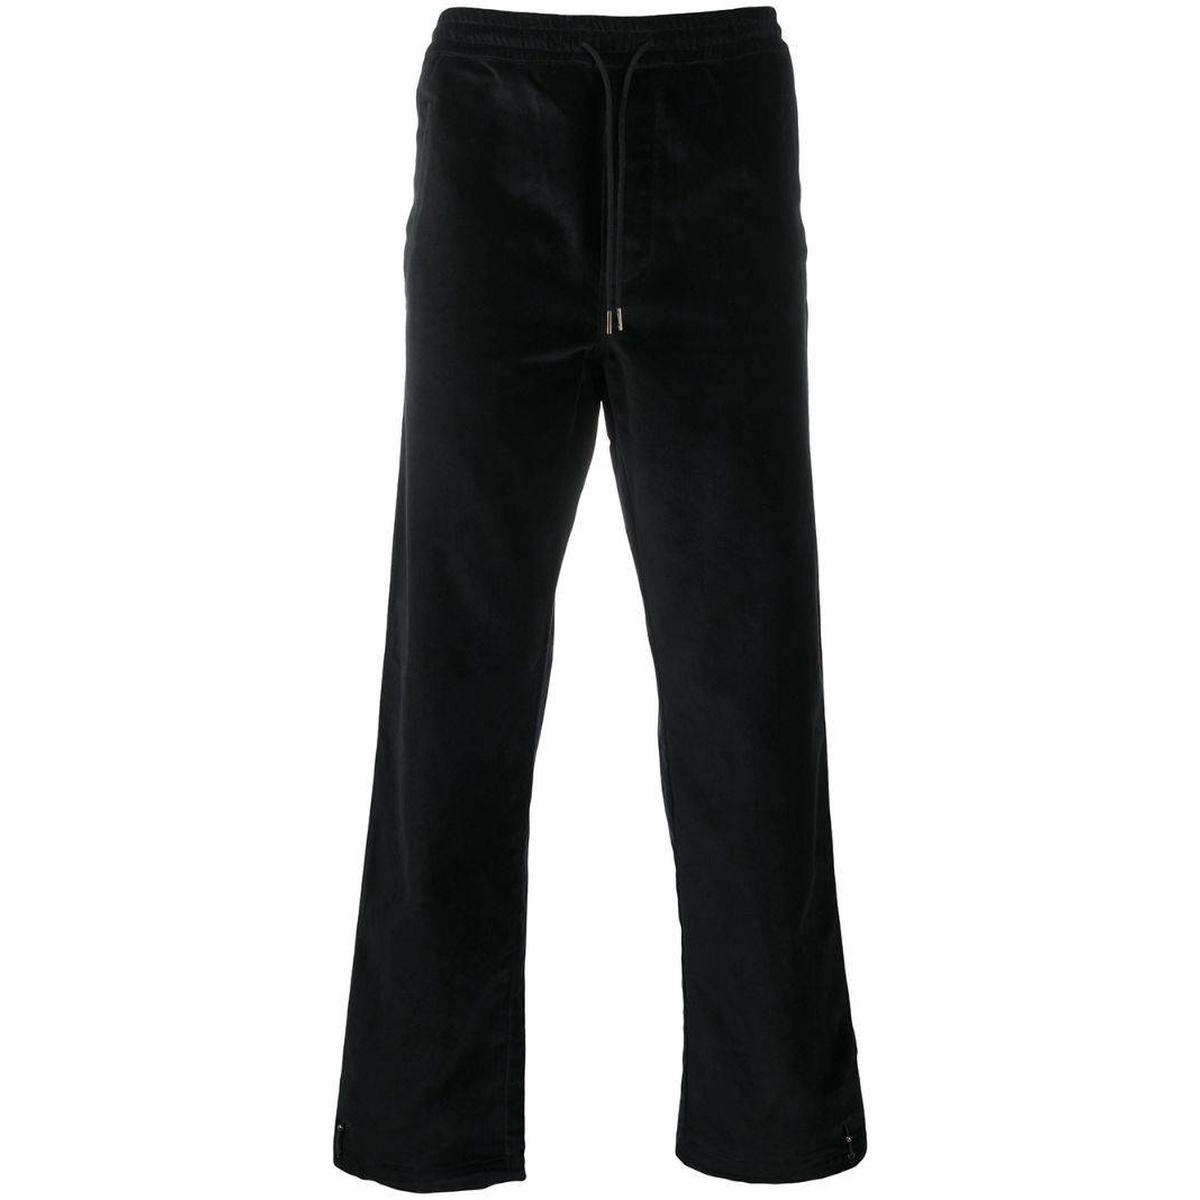 代购Maharishi 丝绒效果运动长裤男2021新款奢侈品